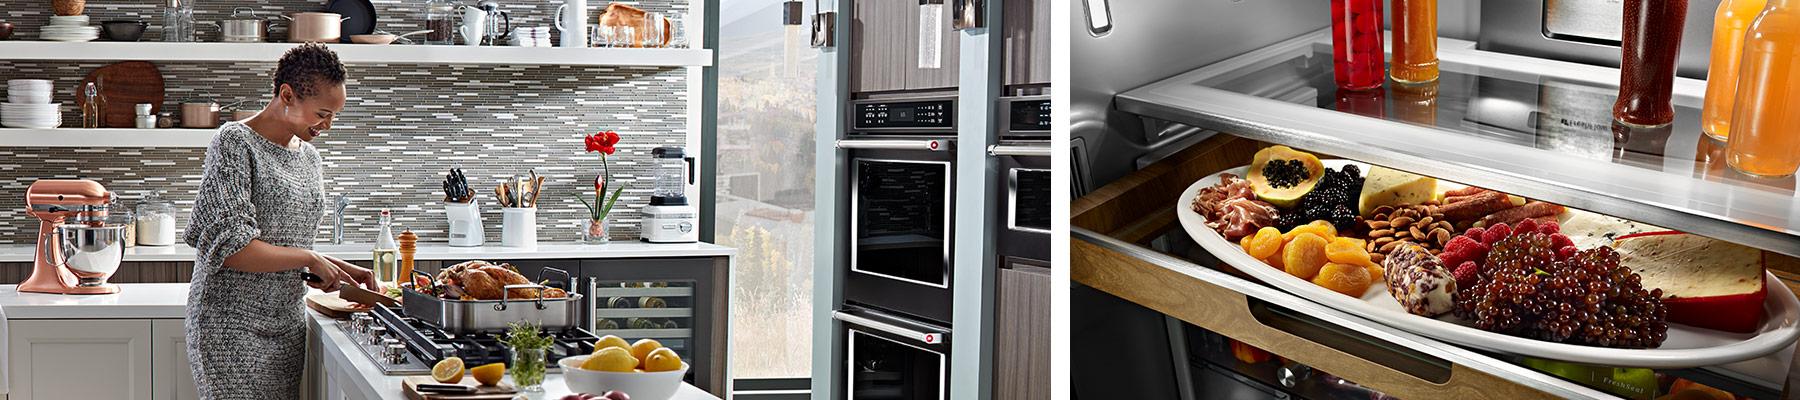 About Us - KitchenAid appliances